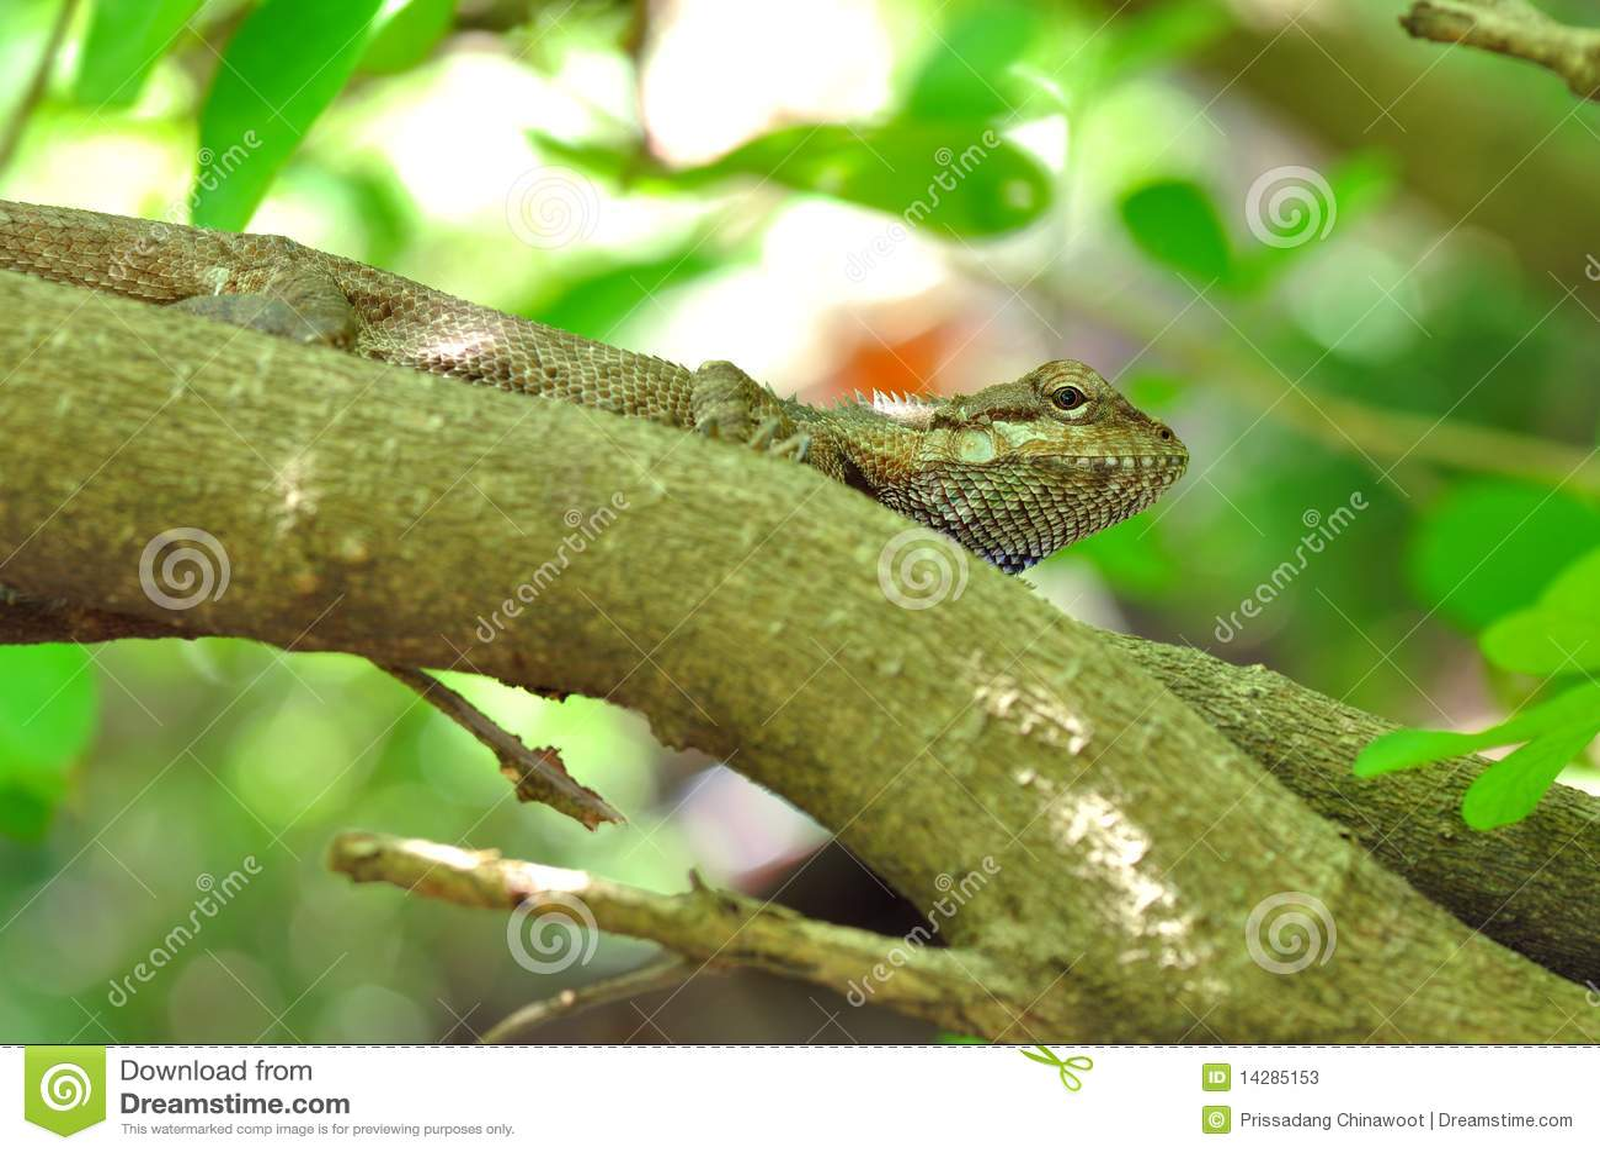 泰国的变色蜥蜴